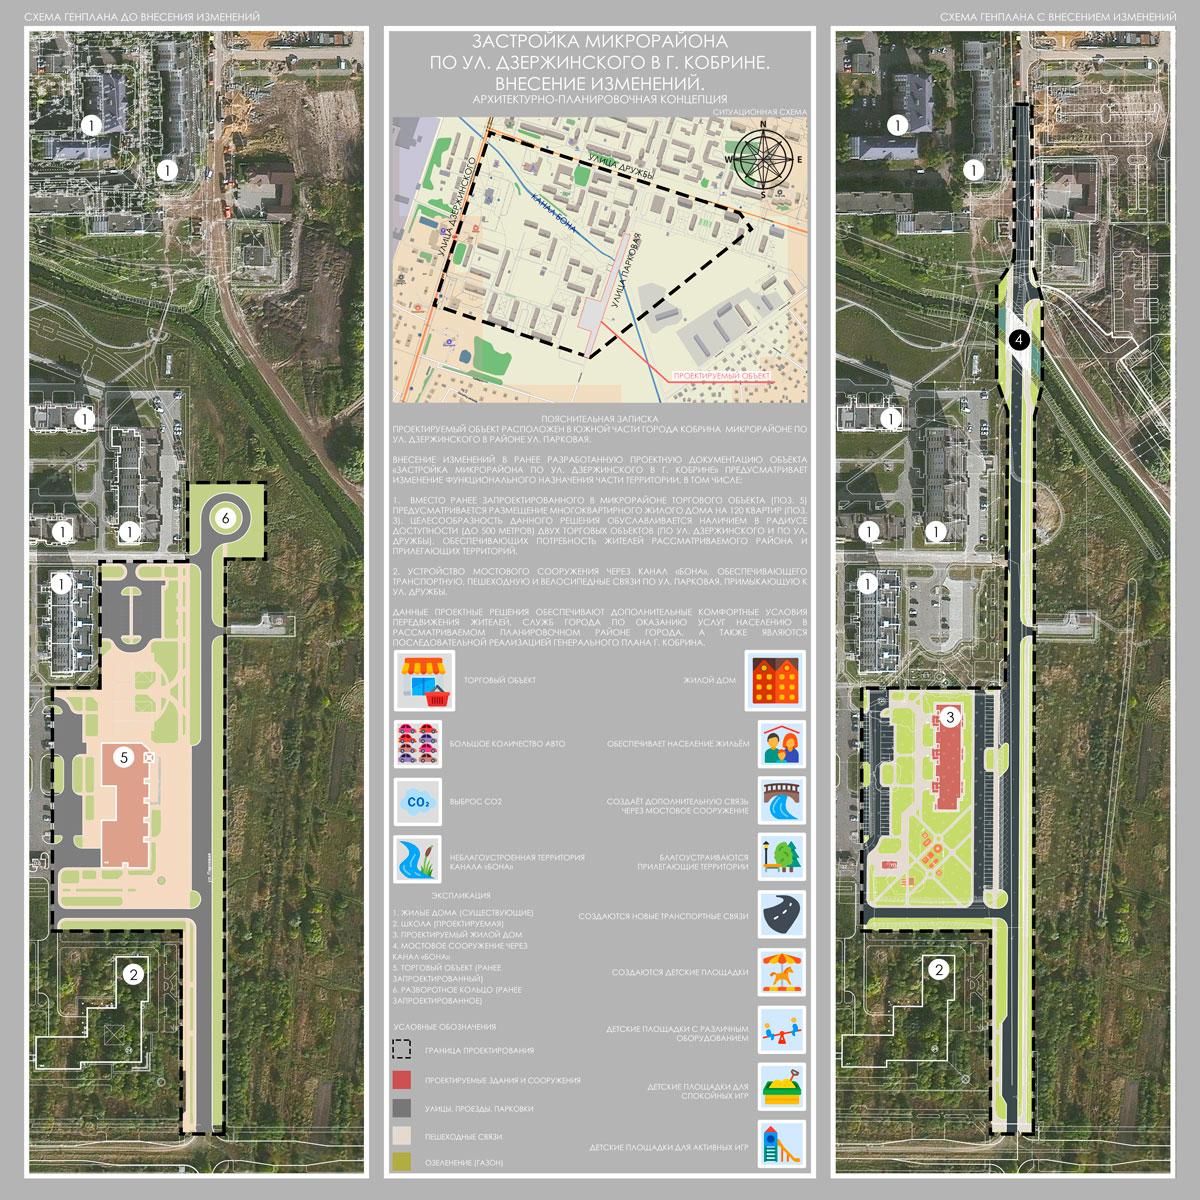 План застройки микрорайона в Кобрине